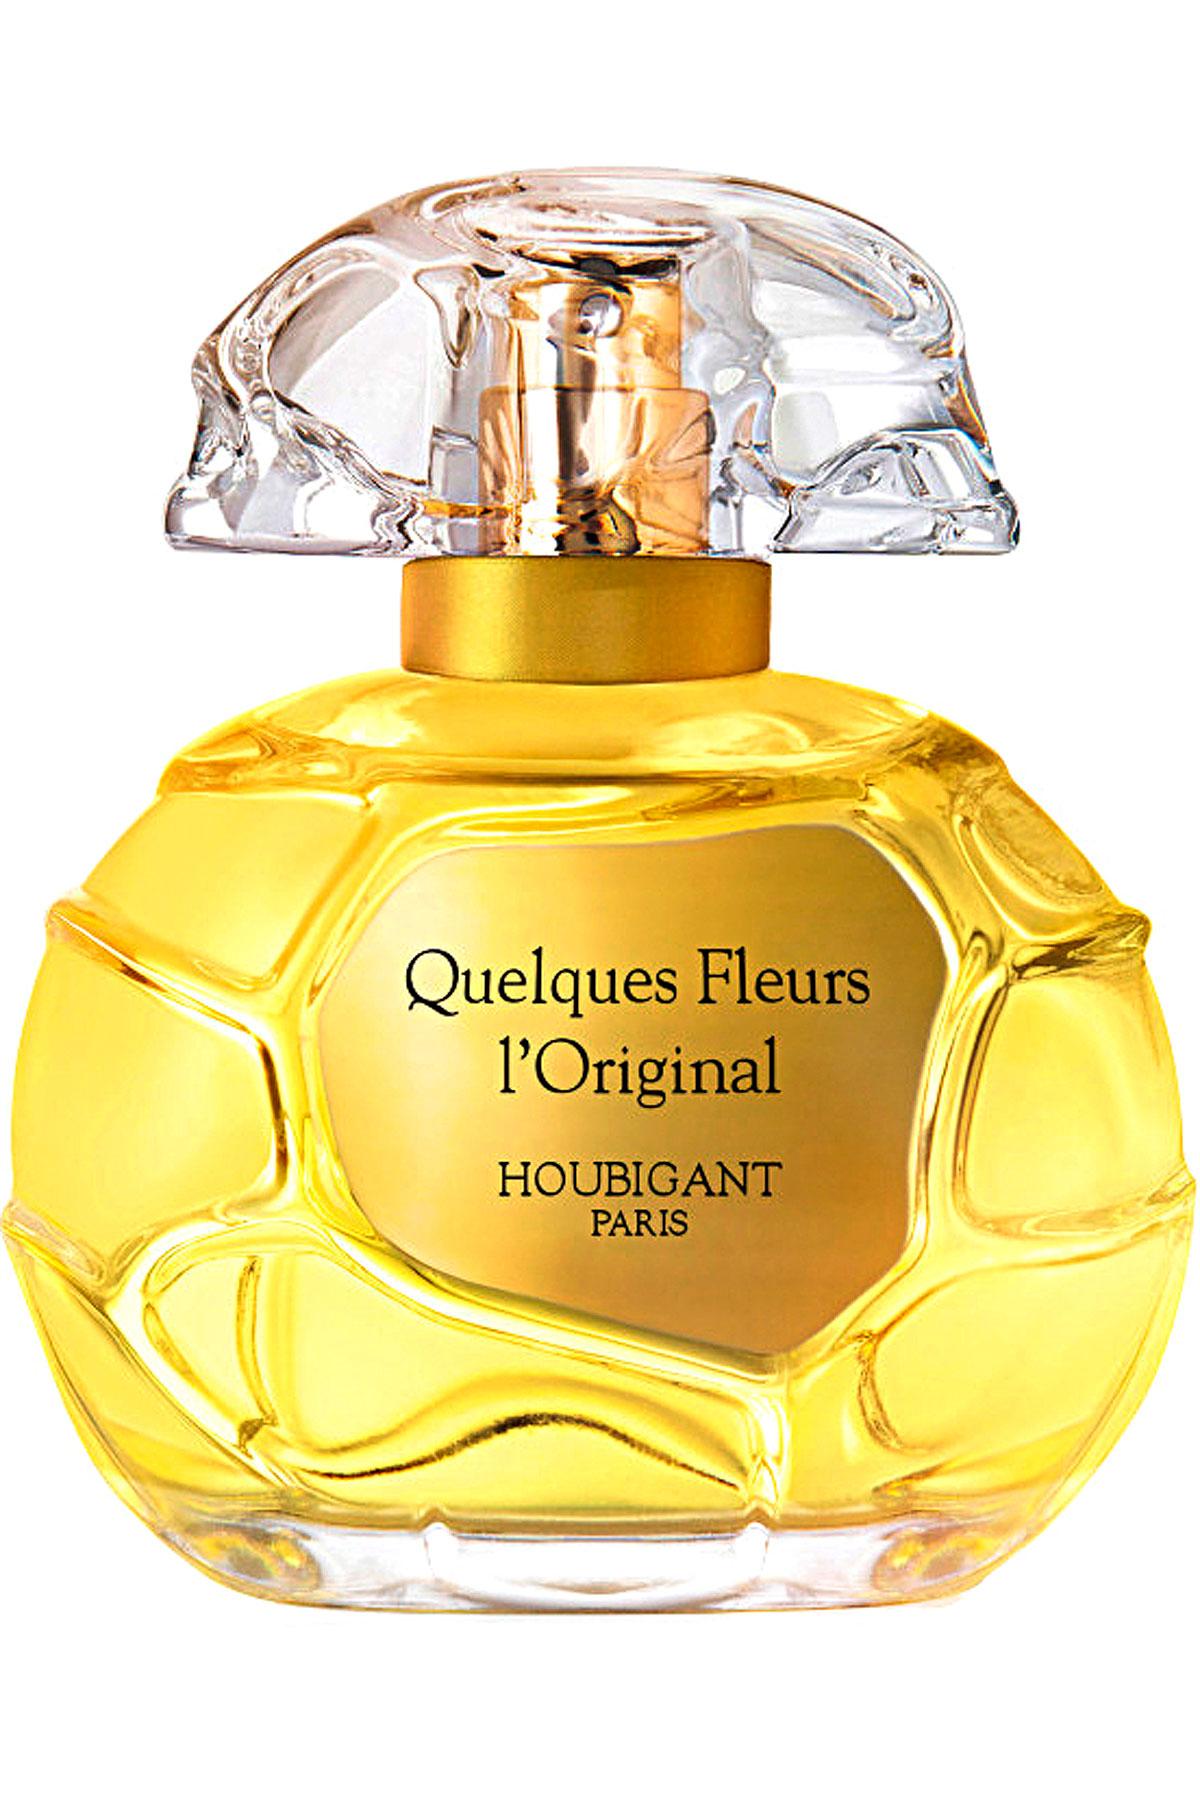 Houbigant Paris Fragrances for Women, Quelques Fleurs L Original Collection Privee - Eau De Parfum Extreme - 100 Ml, 2019, 100 ml